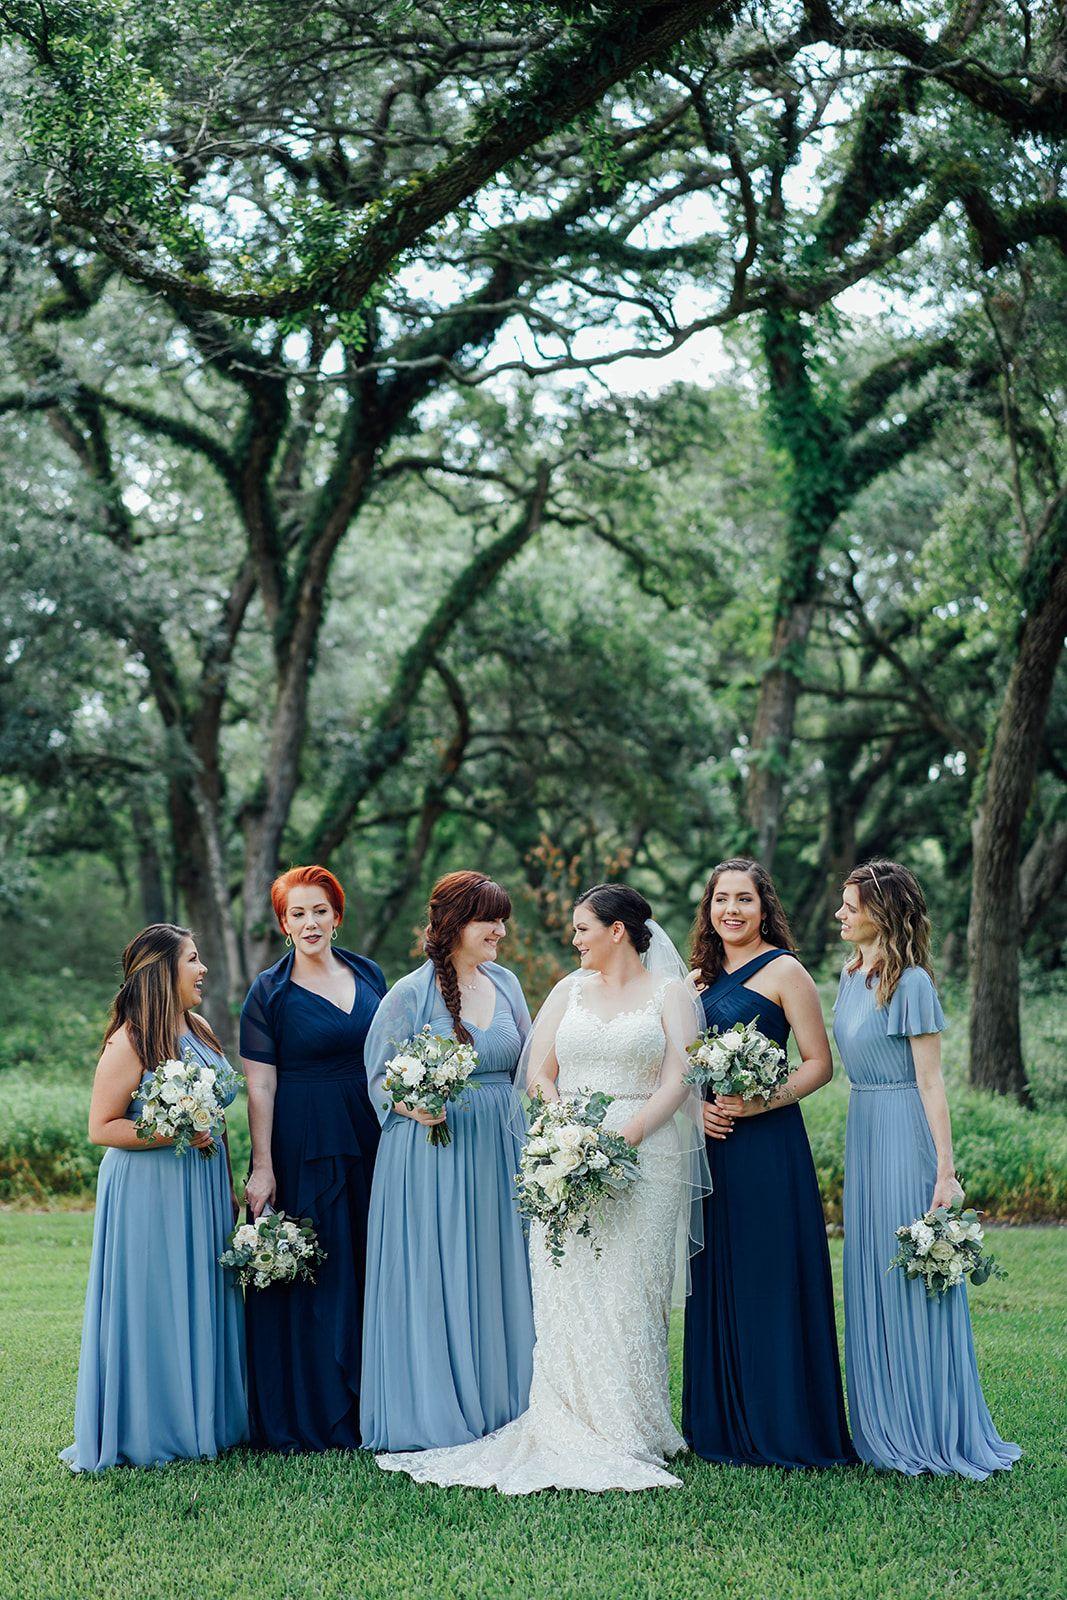 Mismatched Blue Bridesmaid Dresses Navy Blue Light Blue Bridesmaid D Wedding Bridesmaids Dresses Blue Lace Wedding Dress Vintage Mixed Bridesmaid Dresses [ 1600 x 1067 Pixel ]